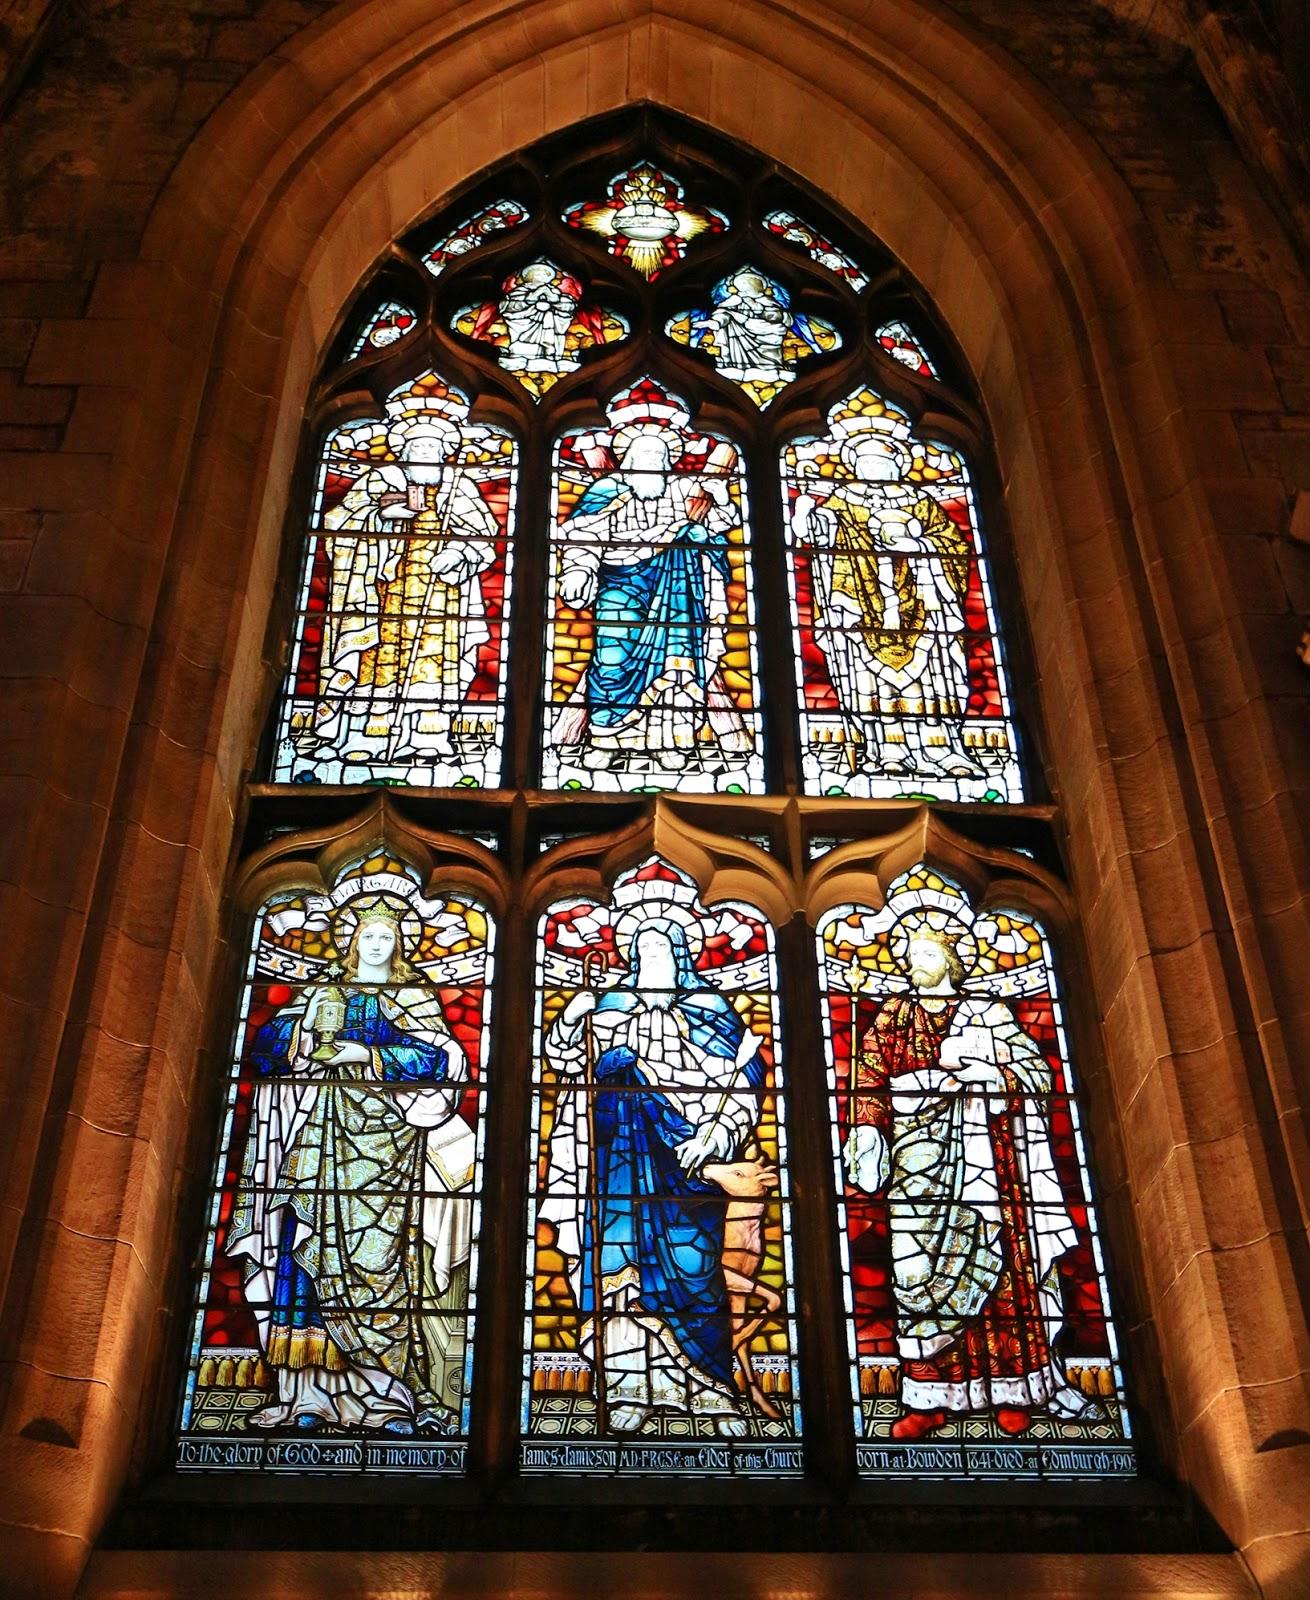 阿堡的世界: 愛丁堡聖吉爾斯大教堂,充滿神聖氛圍的聖地